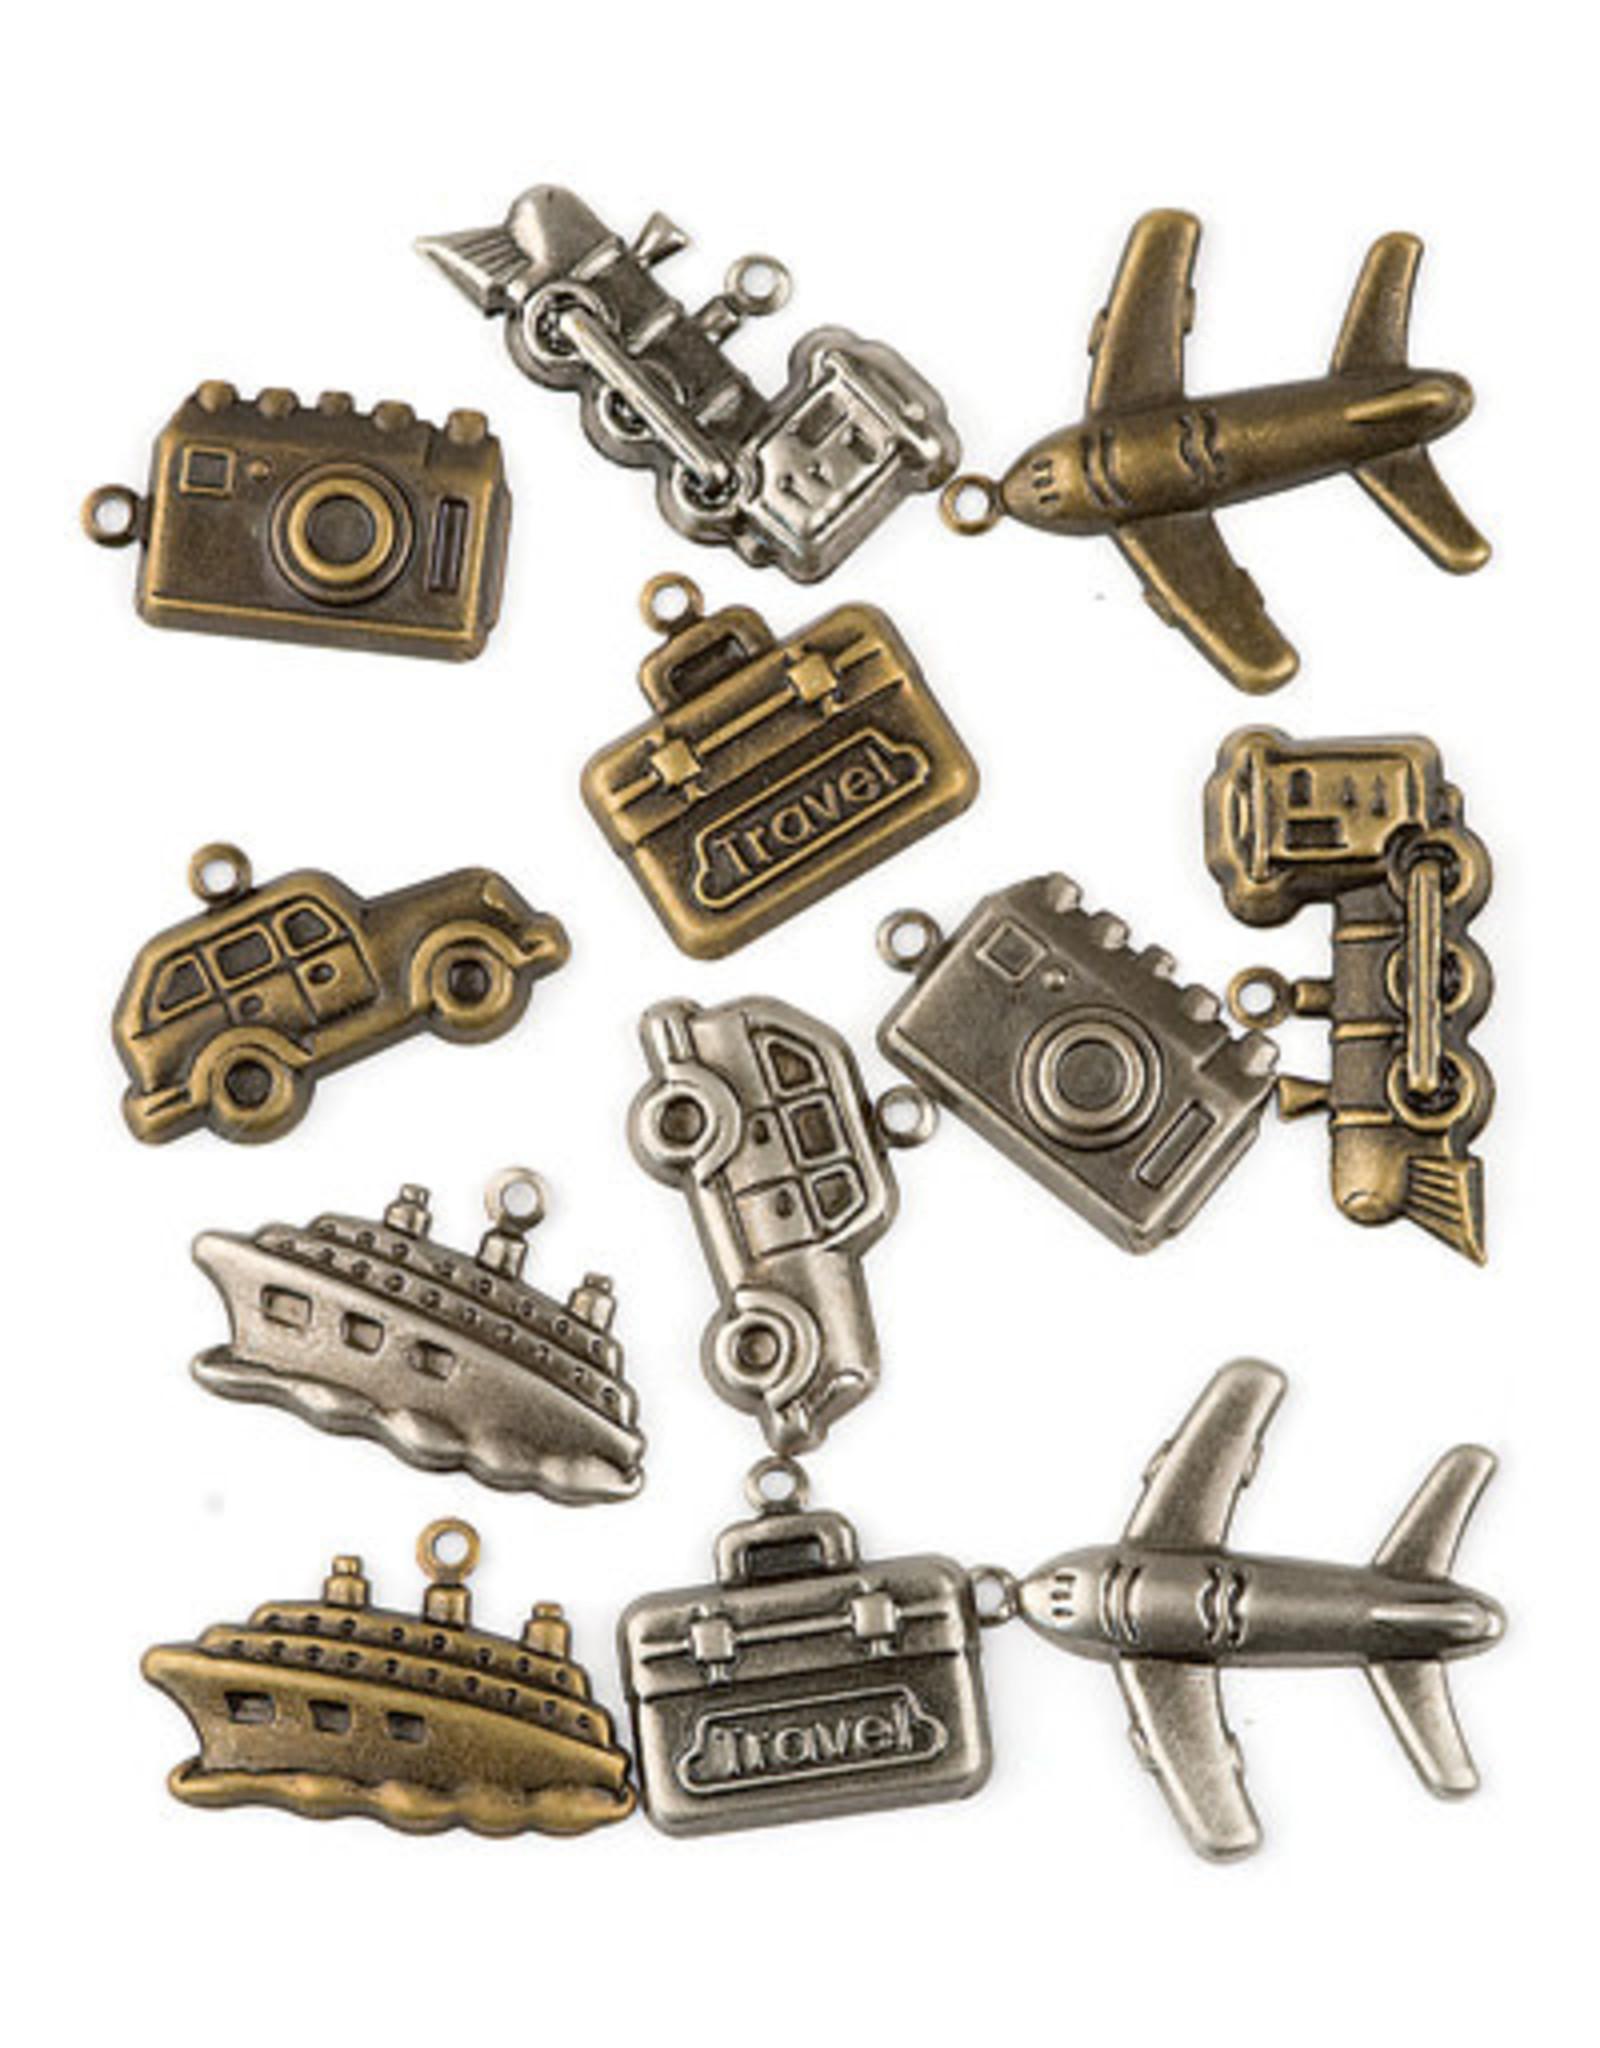 Hobby fun Hobbyfun Assortie, brons en zilver travel 11810-1005